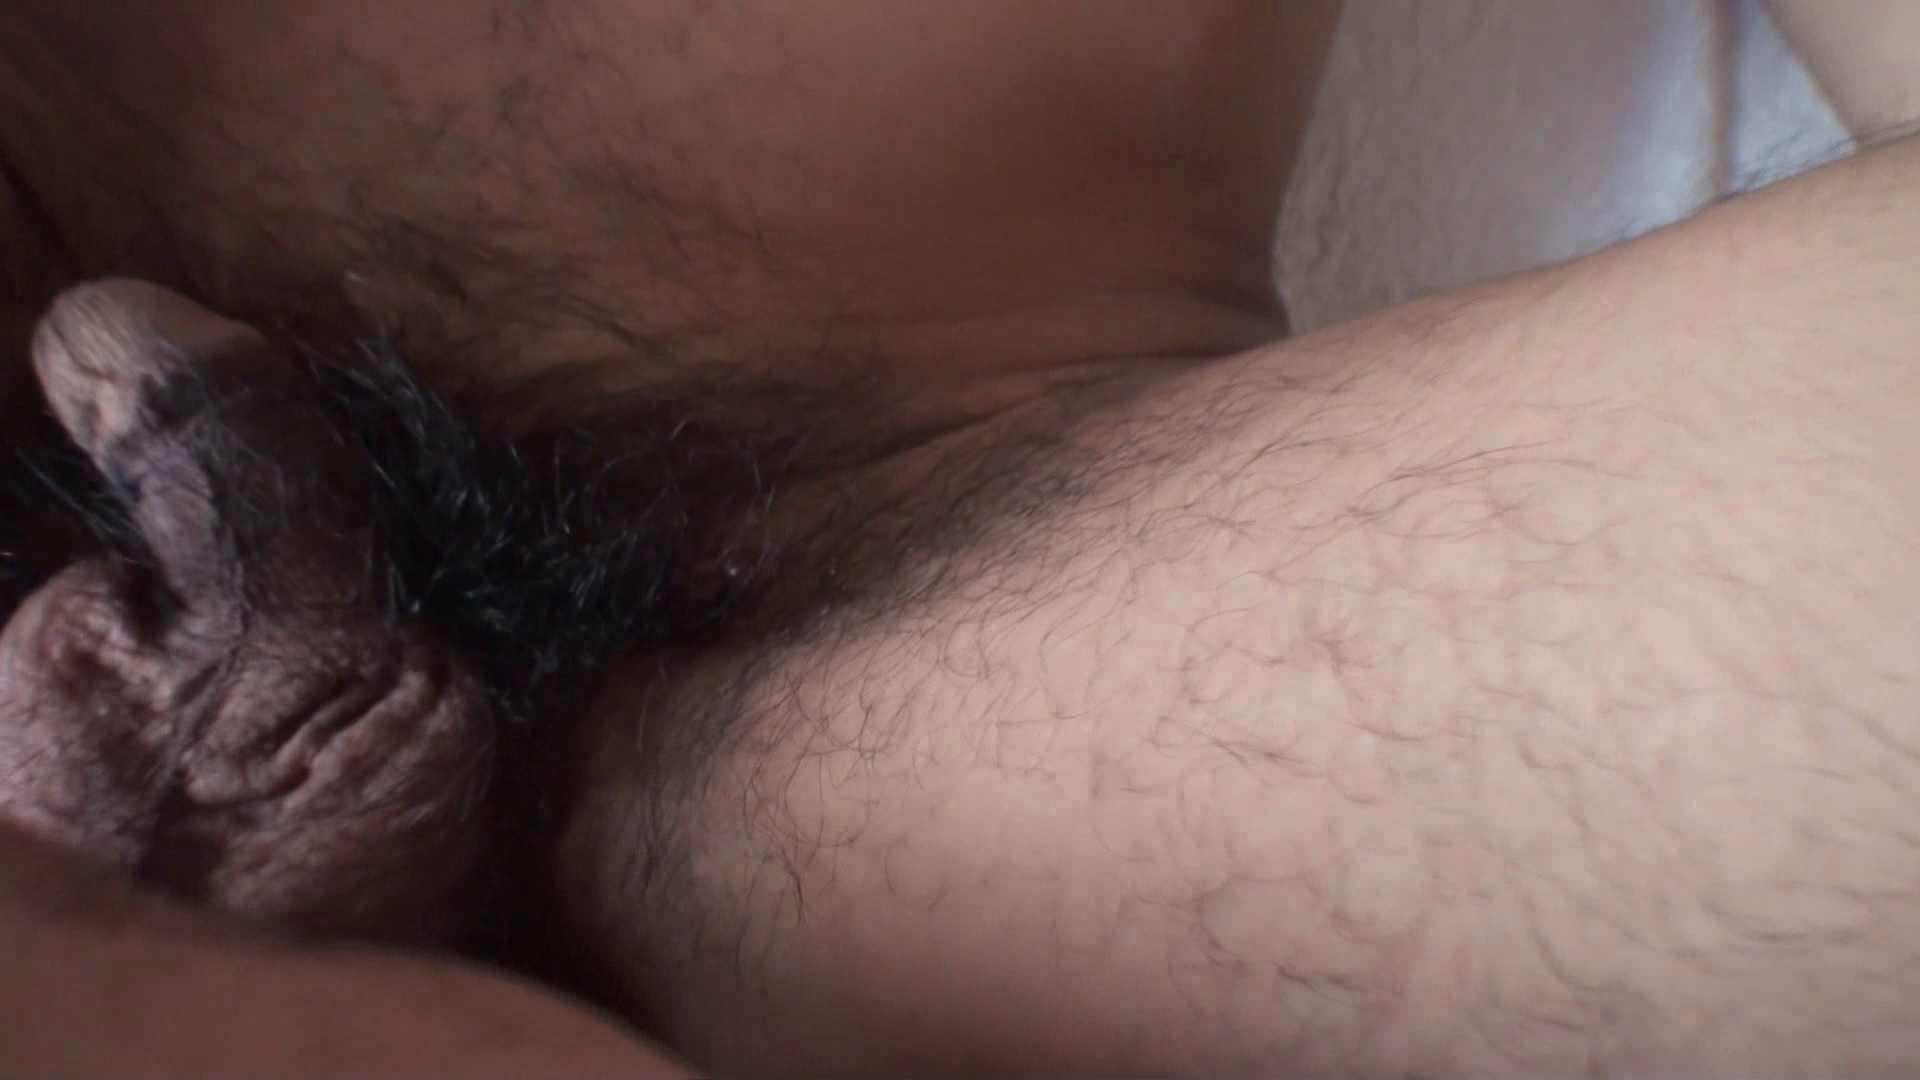 HD 良太と健二当たり前の日常 セックス編 私服がかっこいい しりまんこ画像 65枚 35